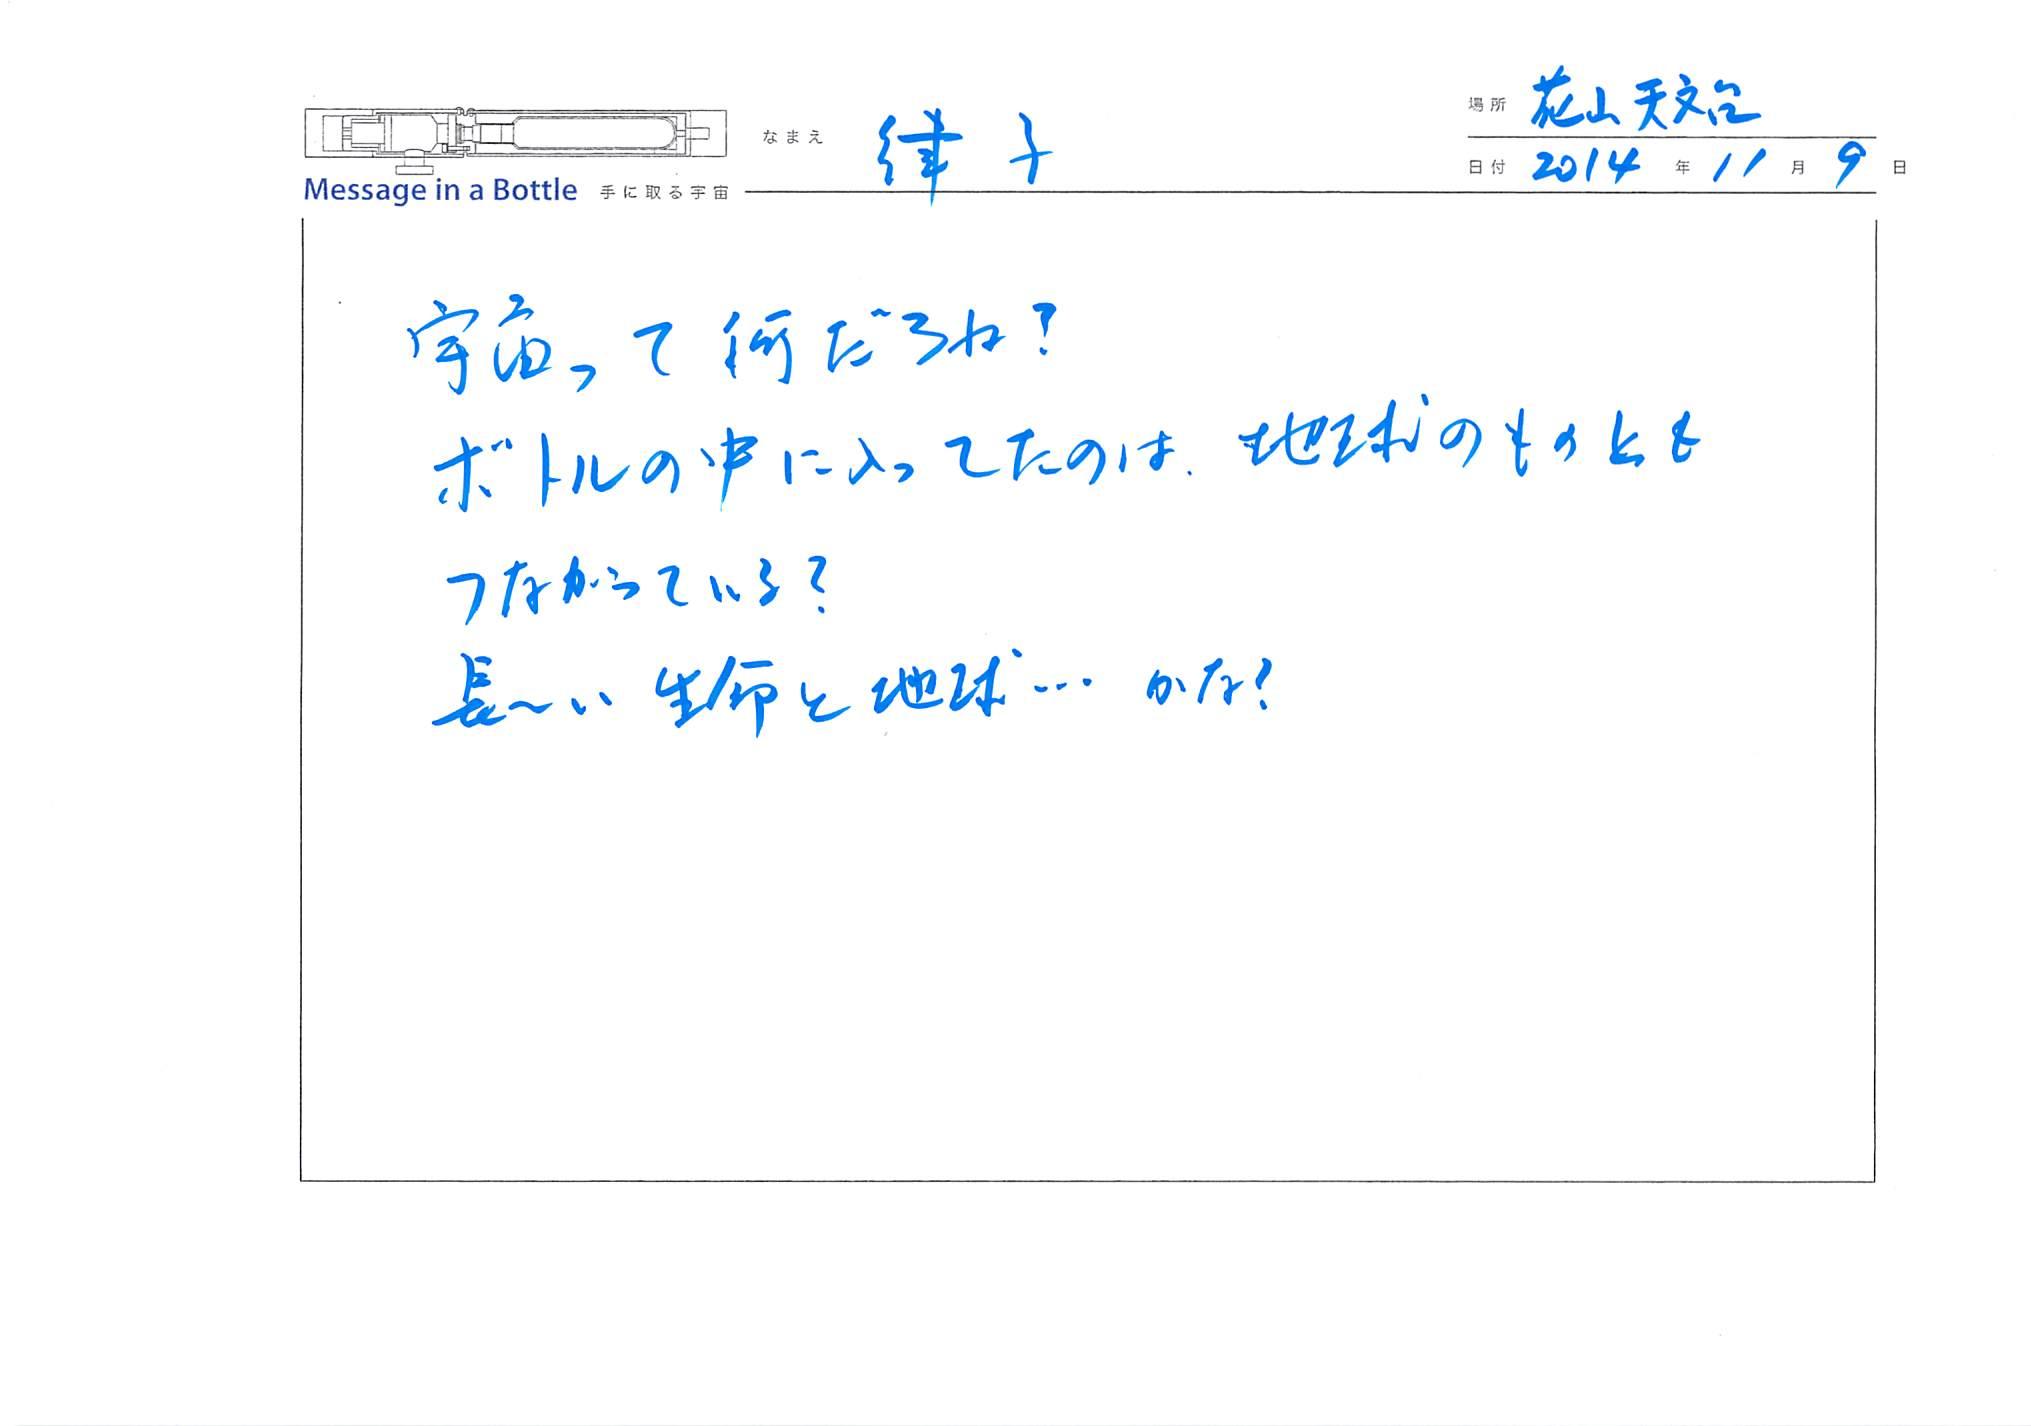 2014-11-09-14-45-05.jpg